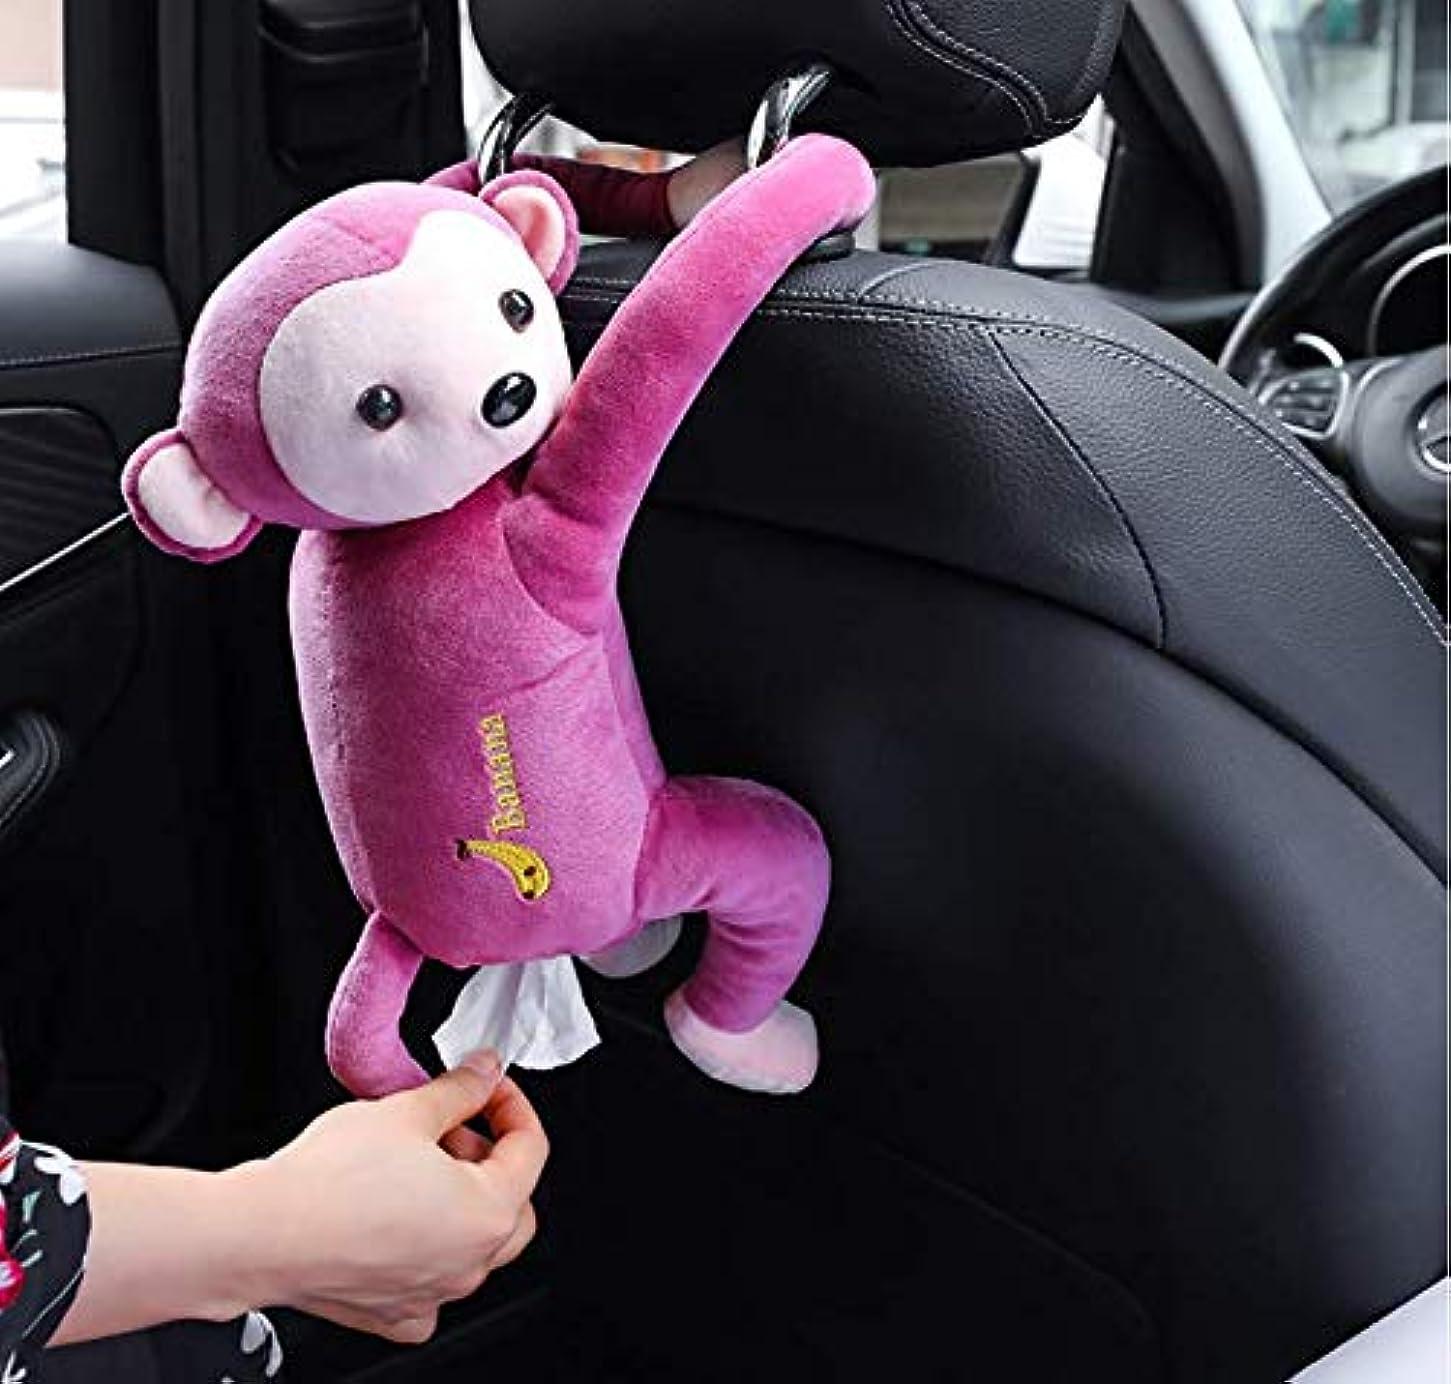 変える彼自身Cozyswan さるスタイルティッシュボックス おもしろい 両手にボタンで嵌め込む 車内 掛ける可能 かわいい お尻から引き出す